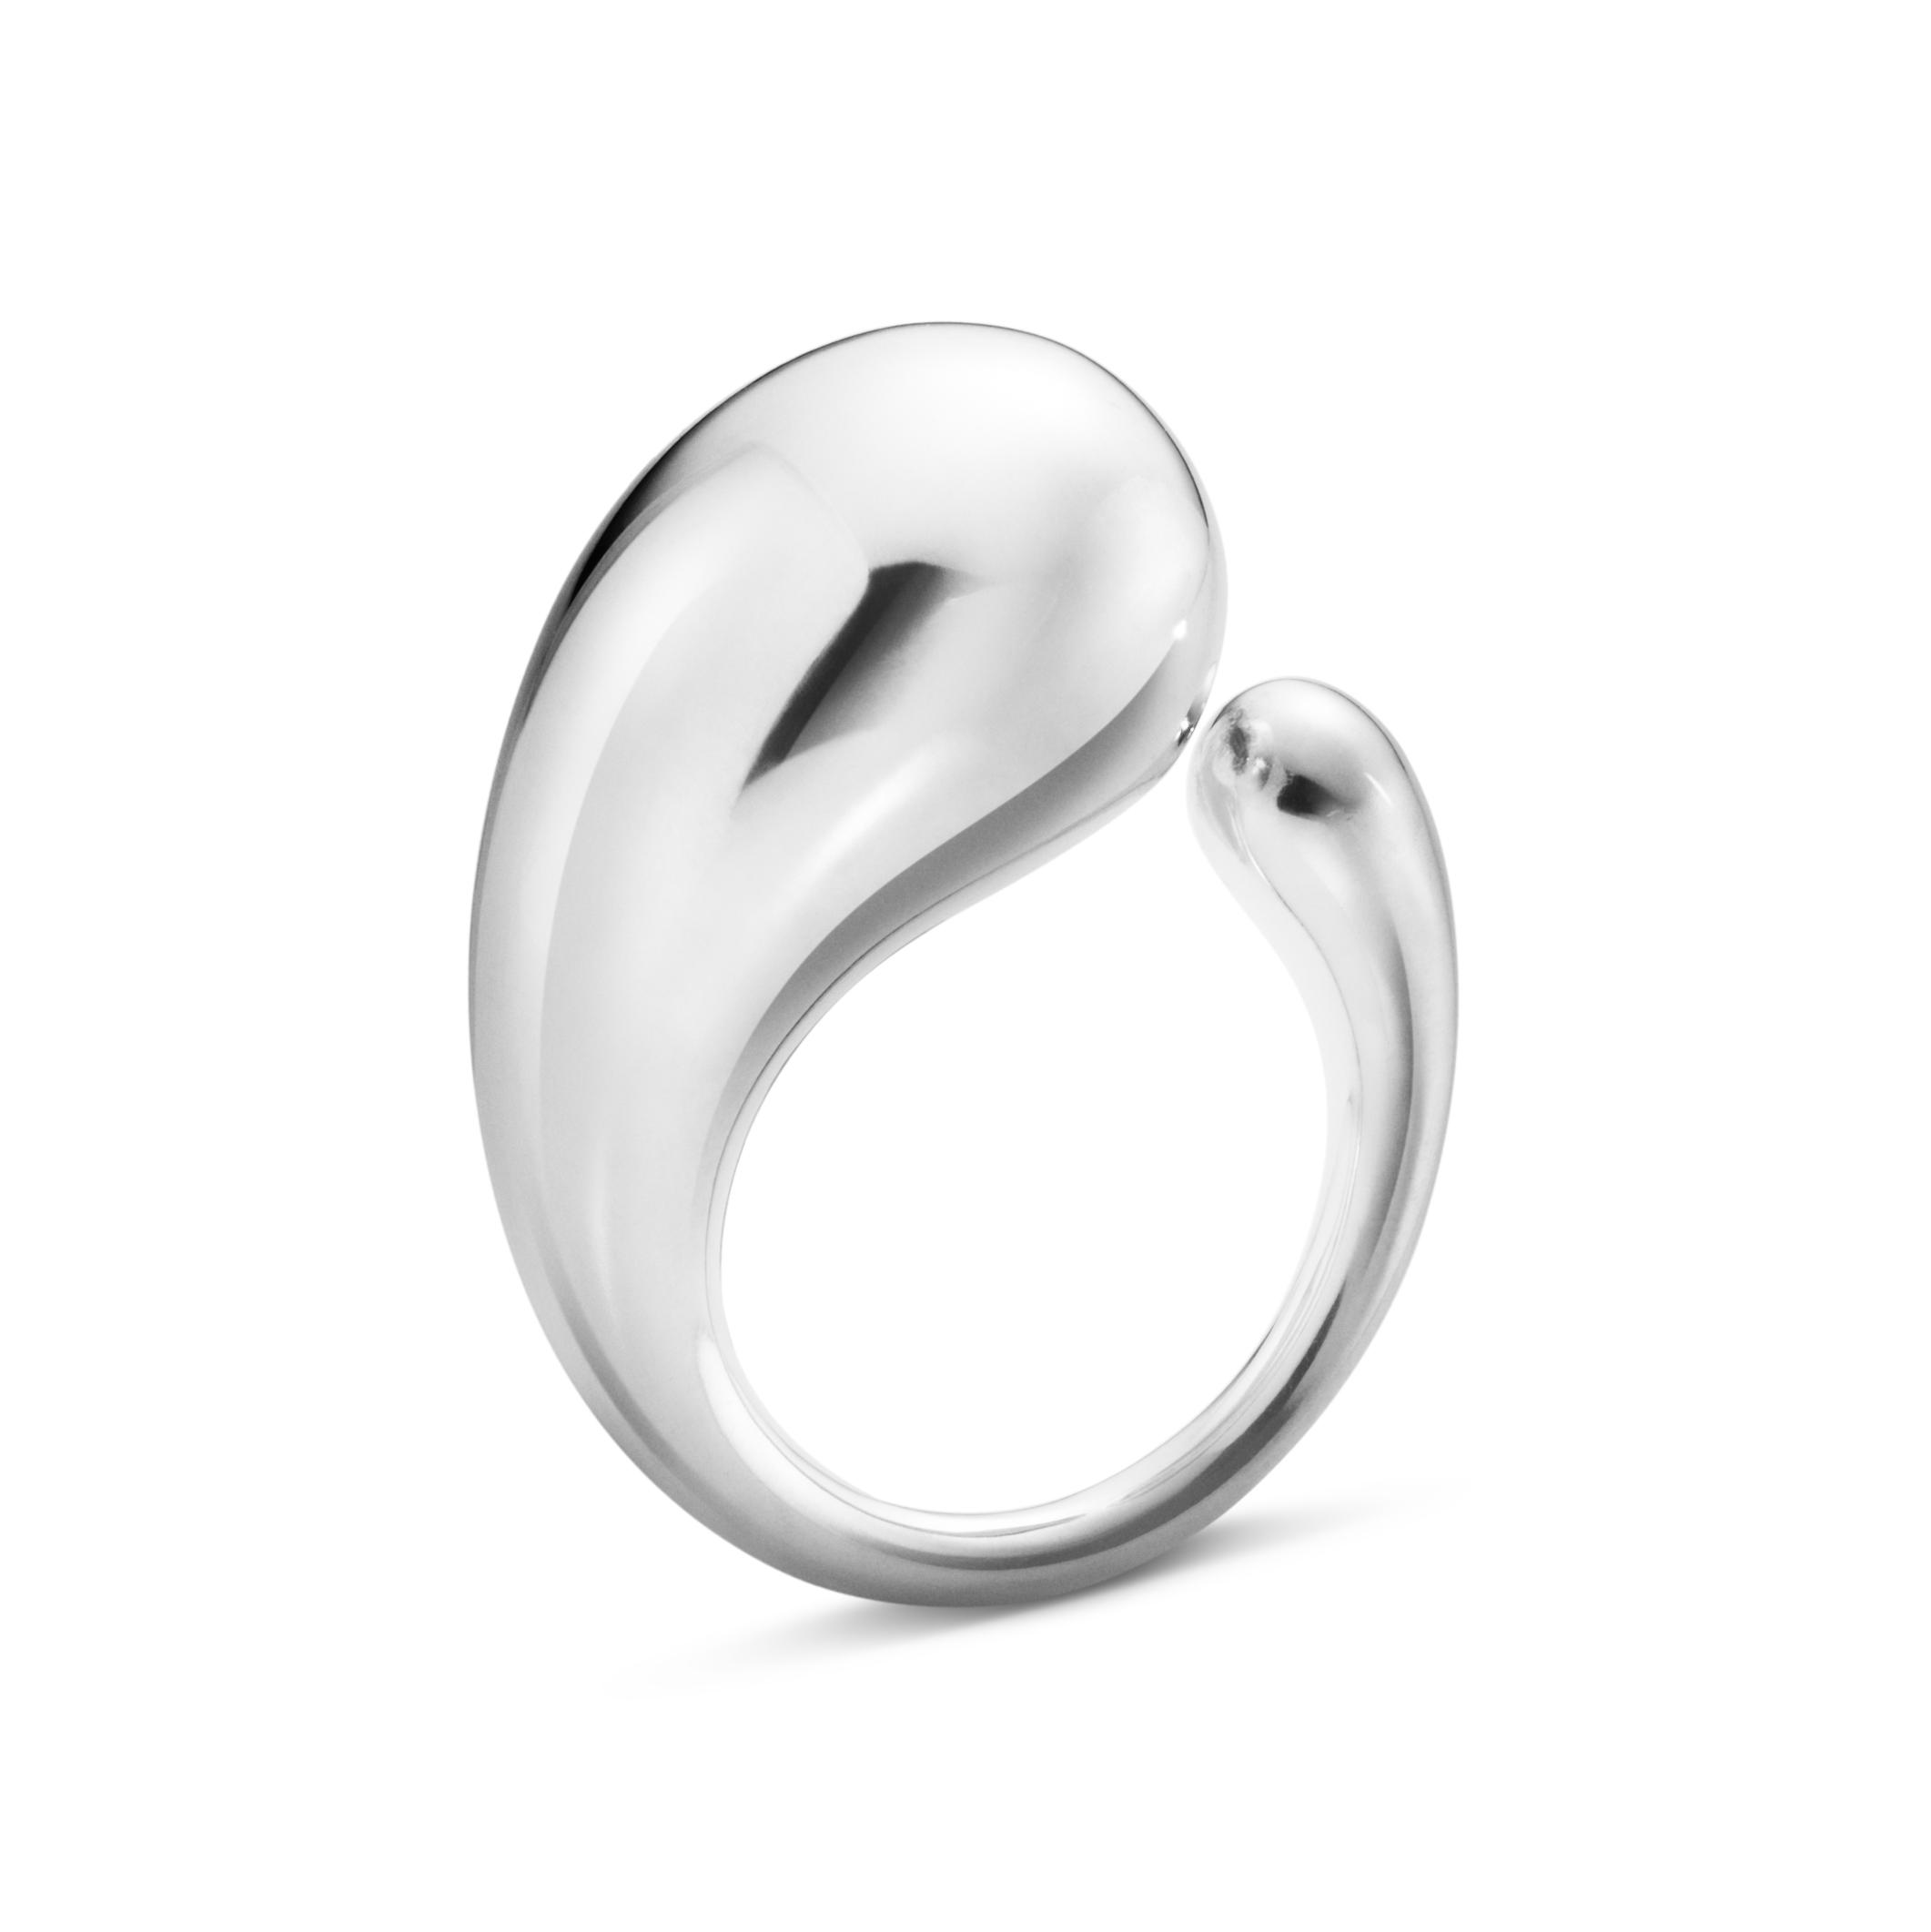 georg jensen - smykker – Georg jensen mega mercy ring - 2000064500 200006450055 sølv 55 på brodersen + kobborg